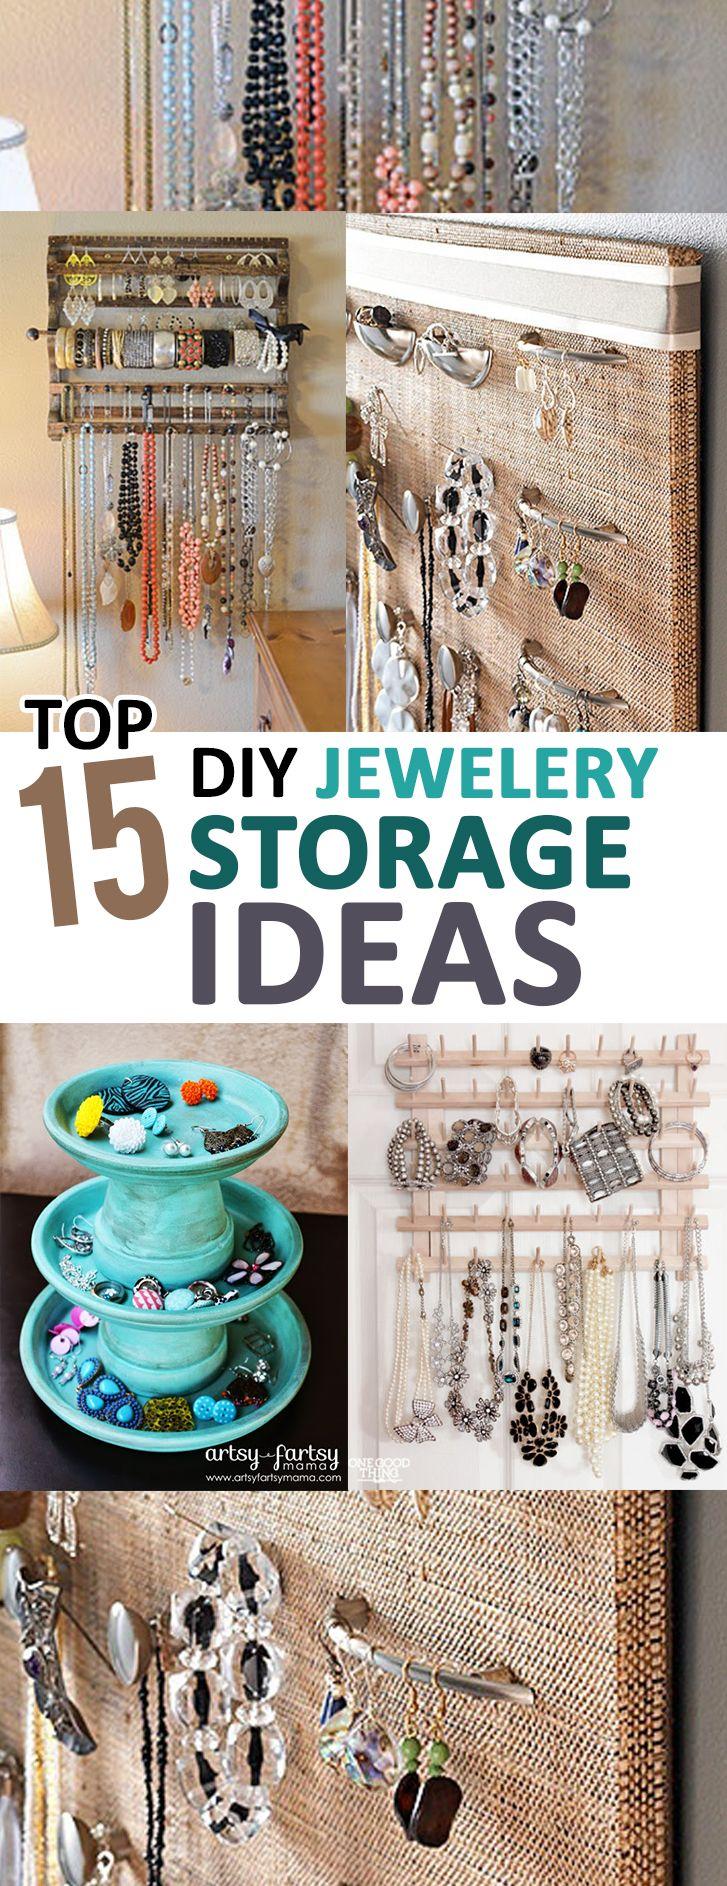 Top 15 Diy Jewelry Storage Ideas Jewelry Storage Diy Jewelry